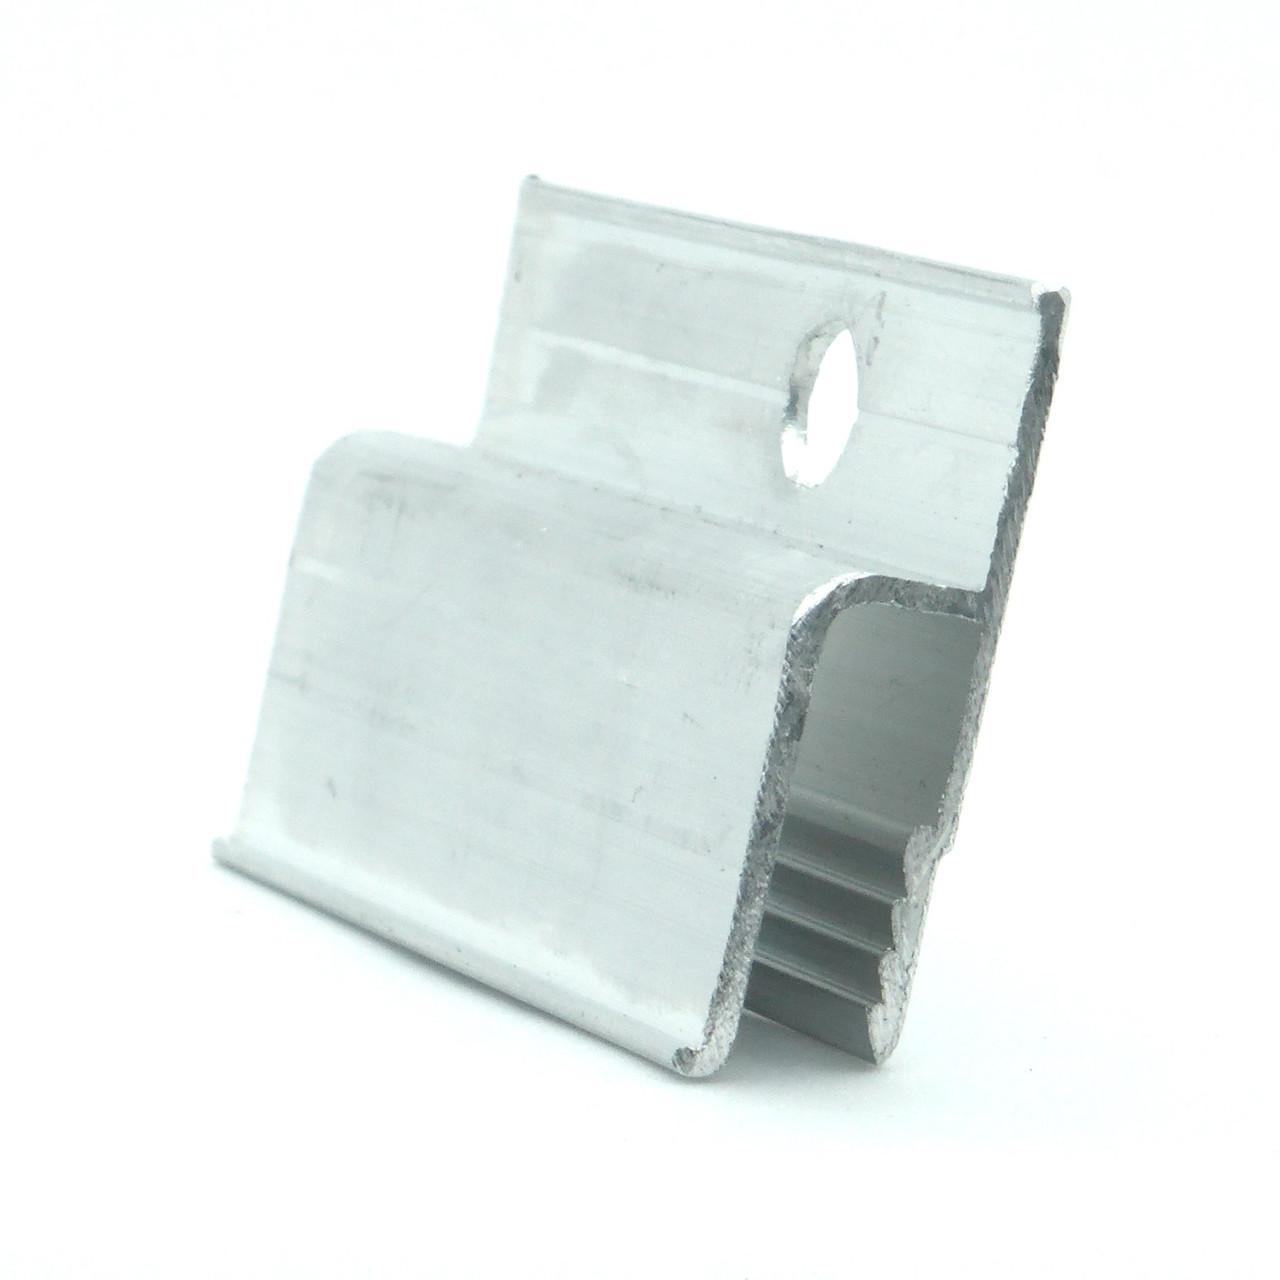 Профиль алюминиевый для натяжных потолков - h-образный, перфорированный, 160 грамм, облегчённый. Длина профиля 2,5 м.